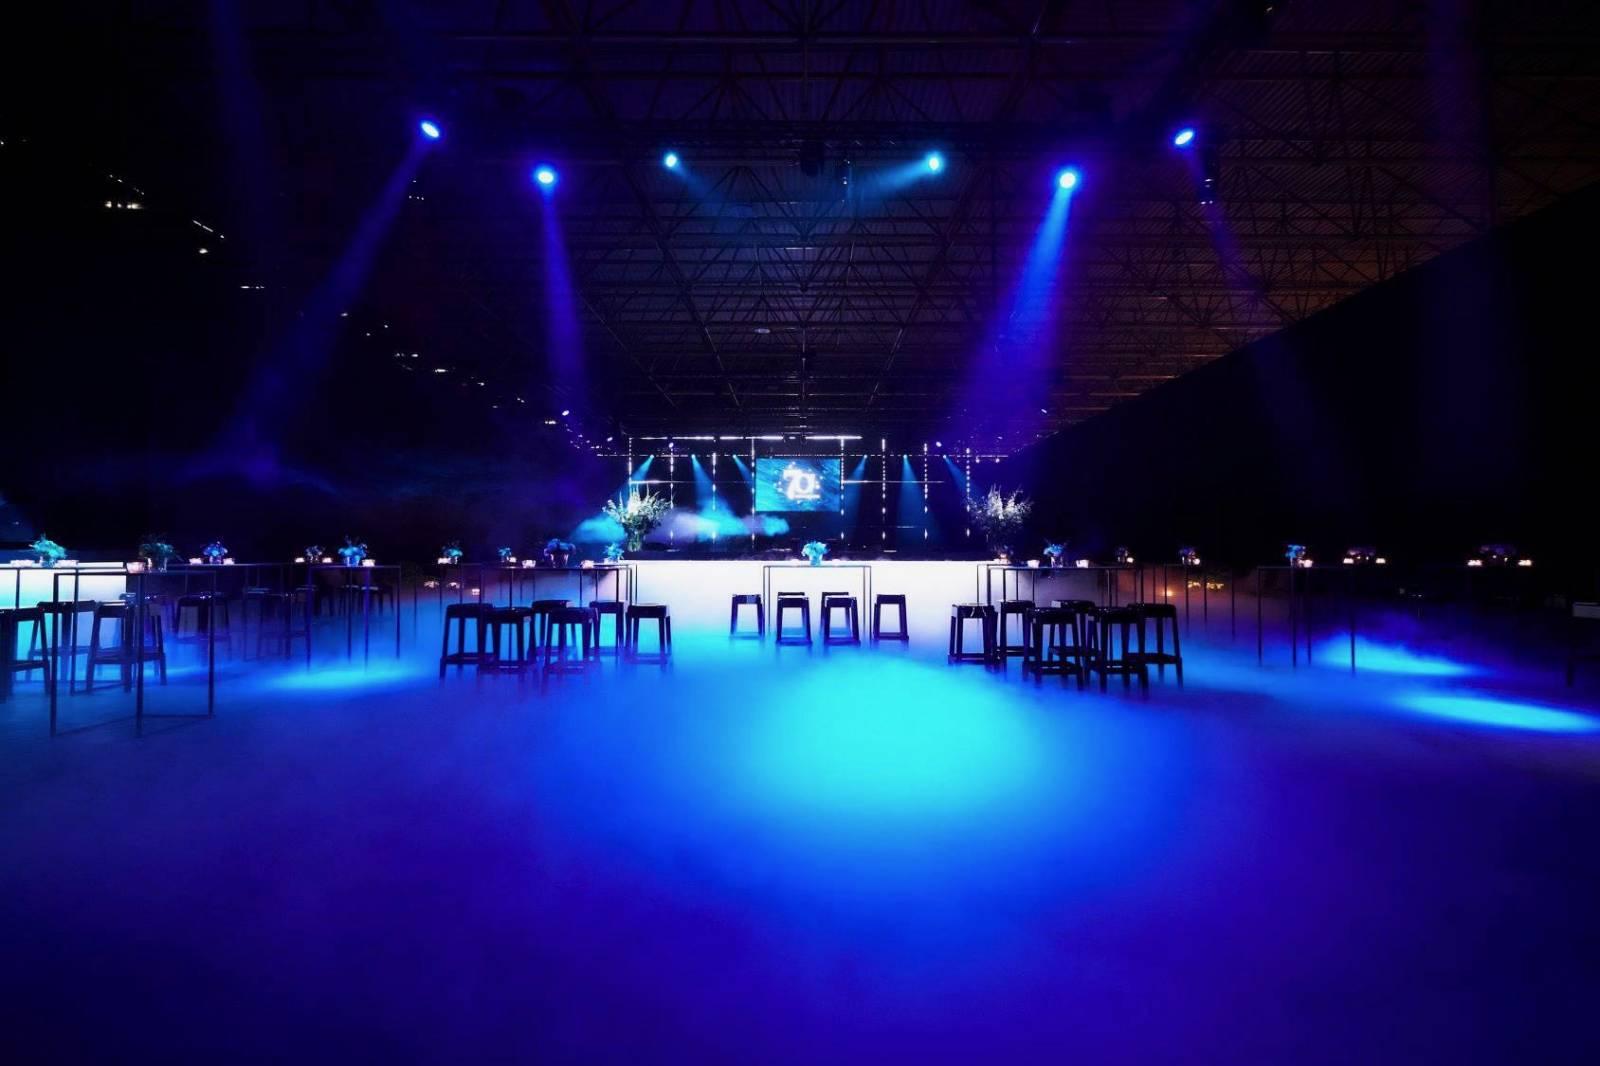 Kortrijk Xpo - Eventlocatie - Feestzaal - Kortrijk - Expohal - House of Events - 10